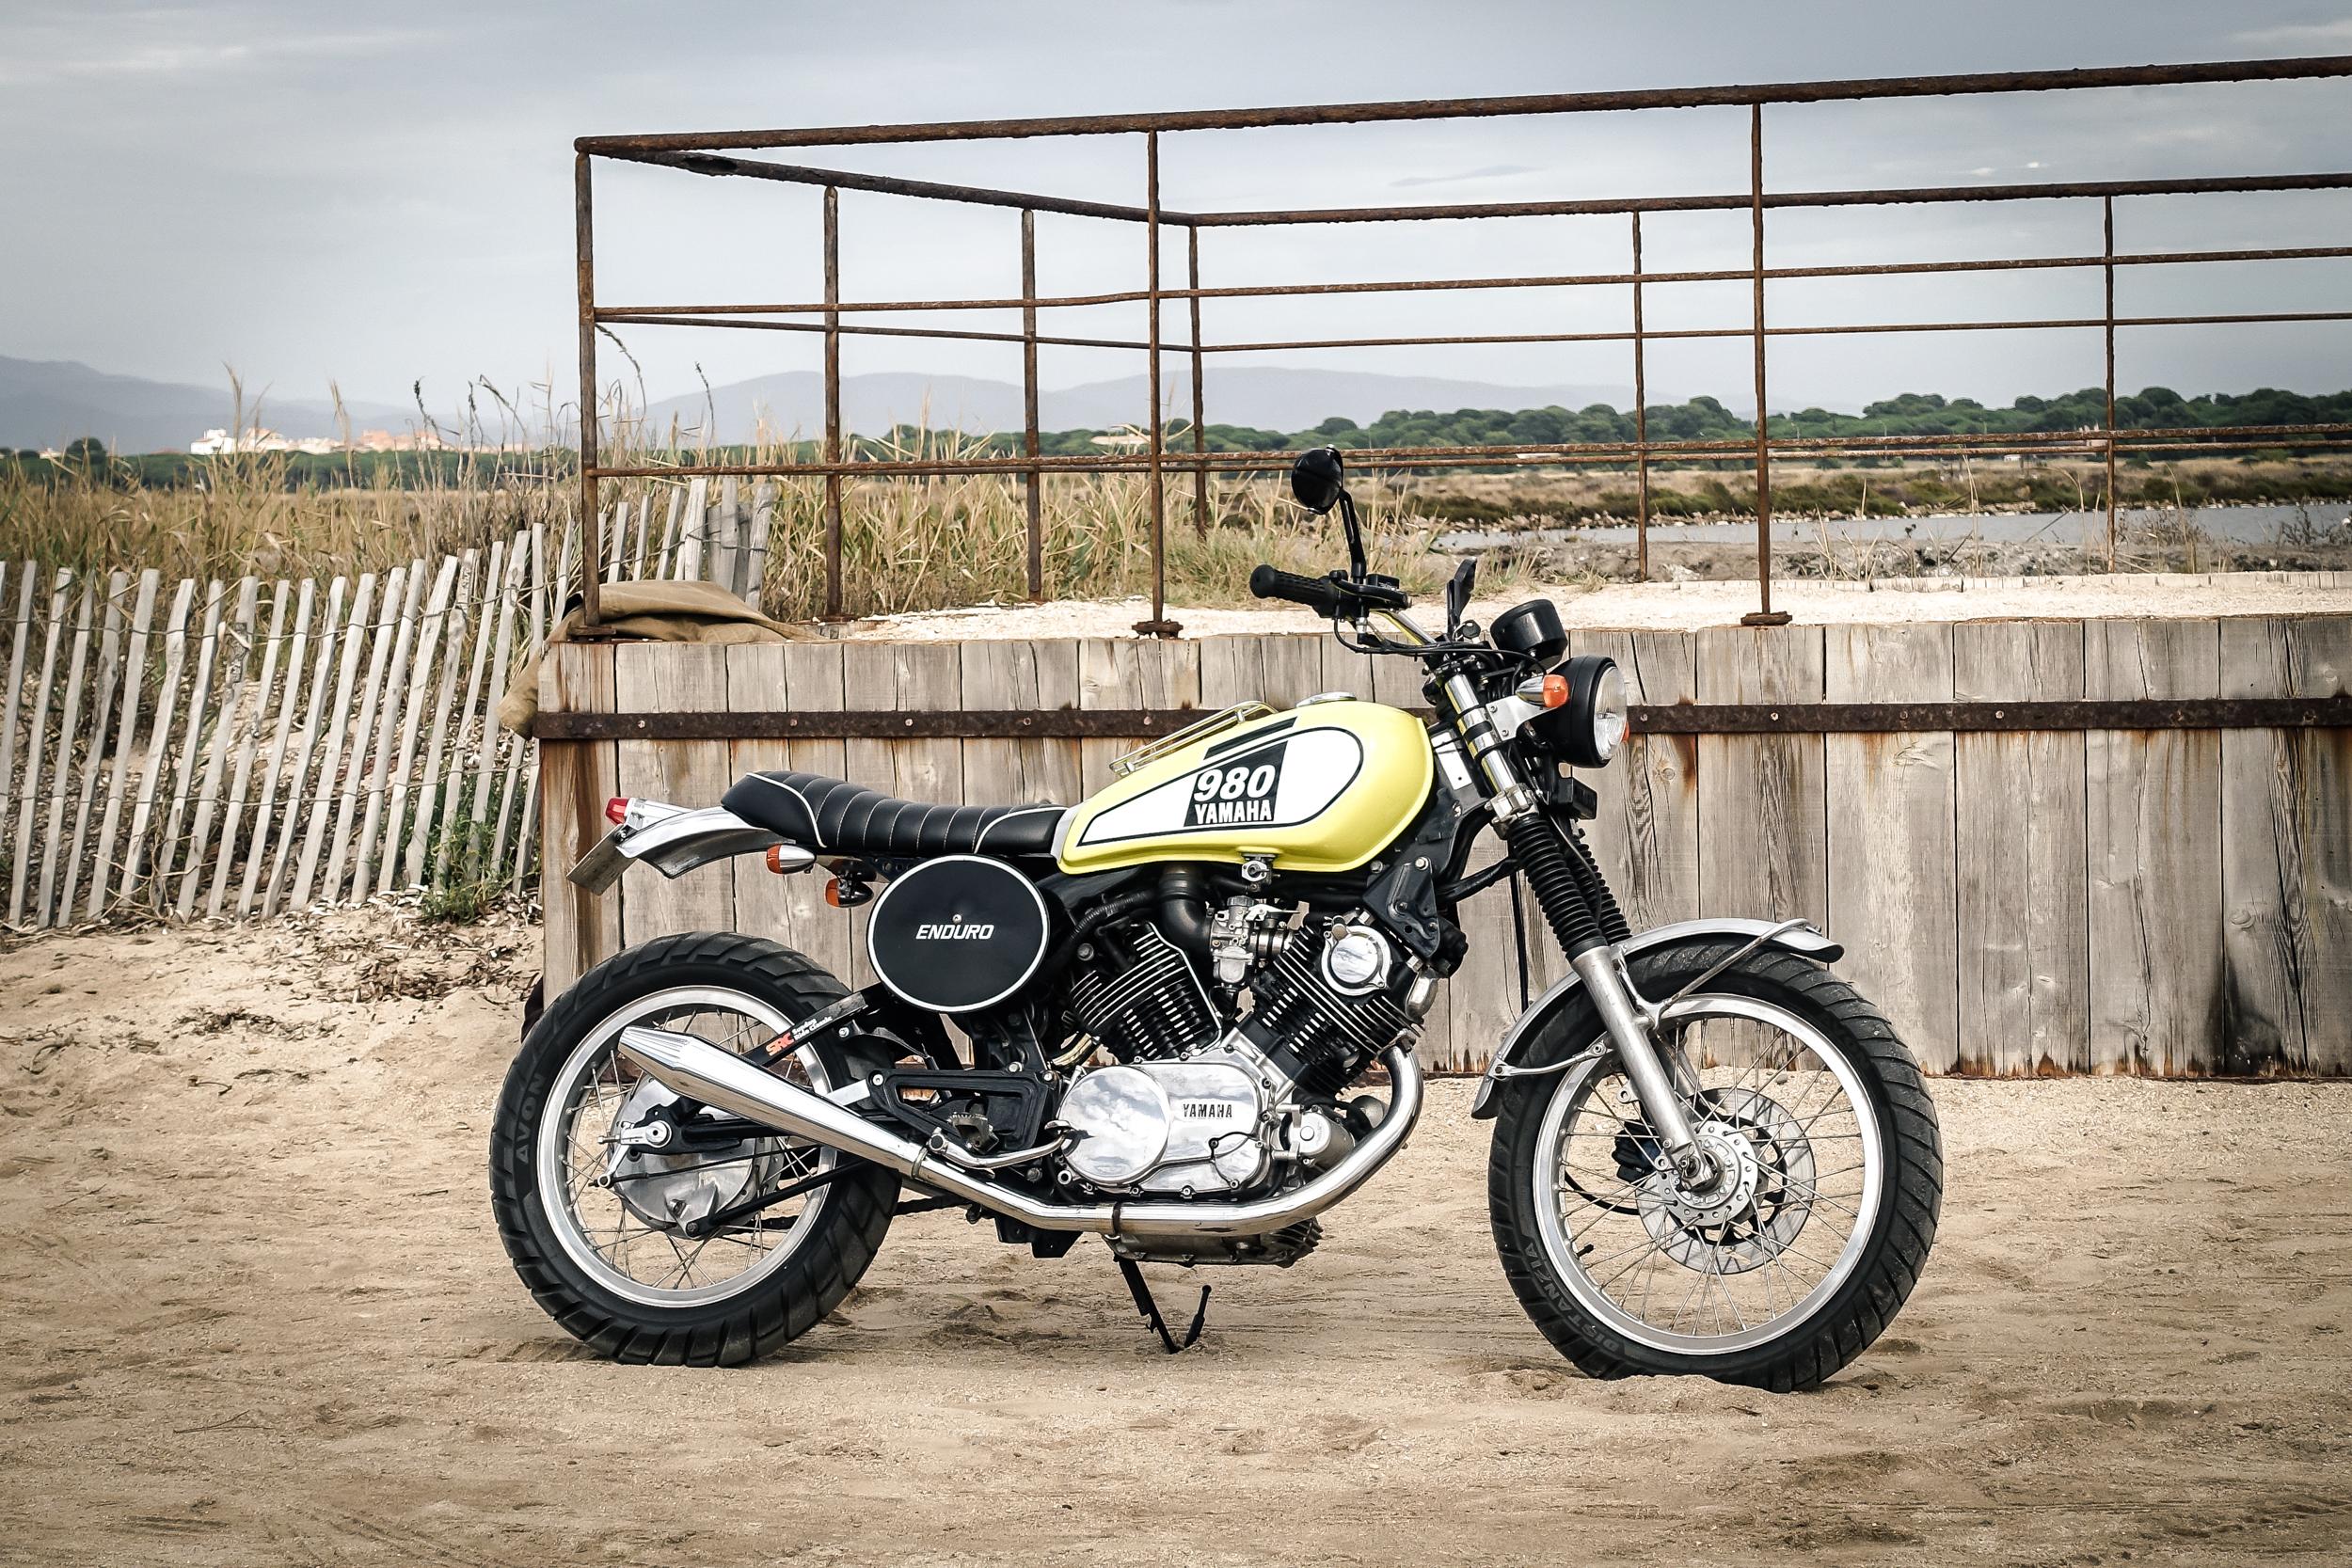 MOTO : LA SCR 950 'ONLY FOR USA' ? FAITES VOUS UN ... Yamaha Xv 1100